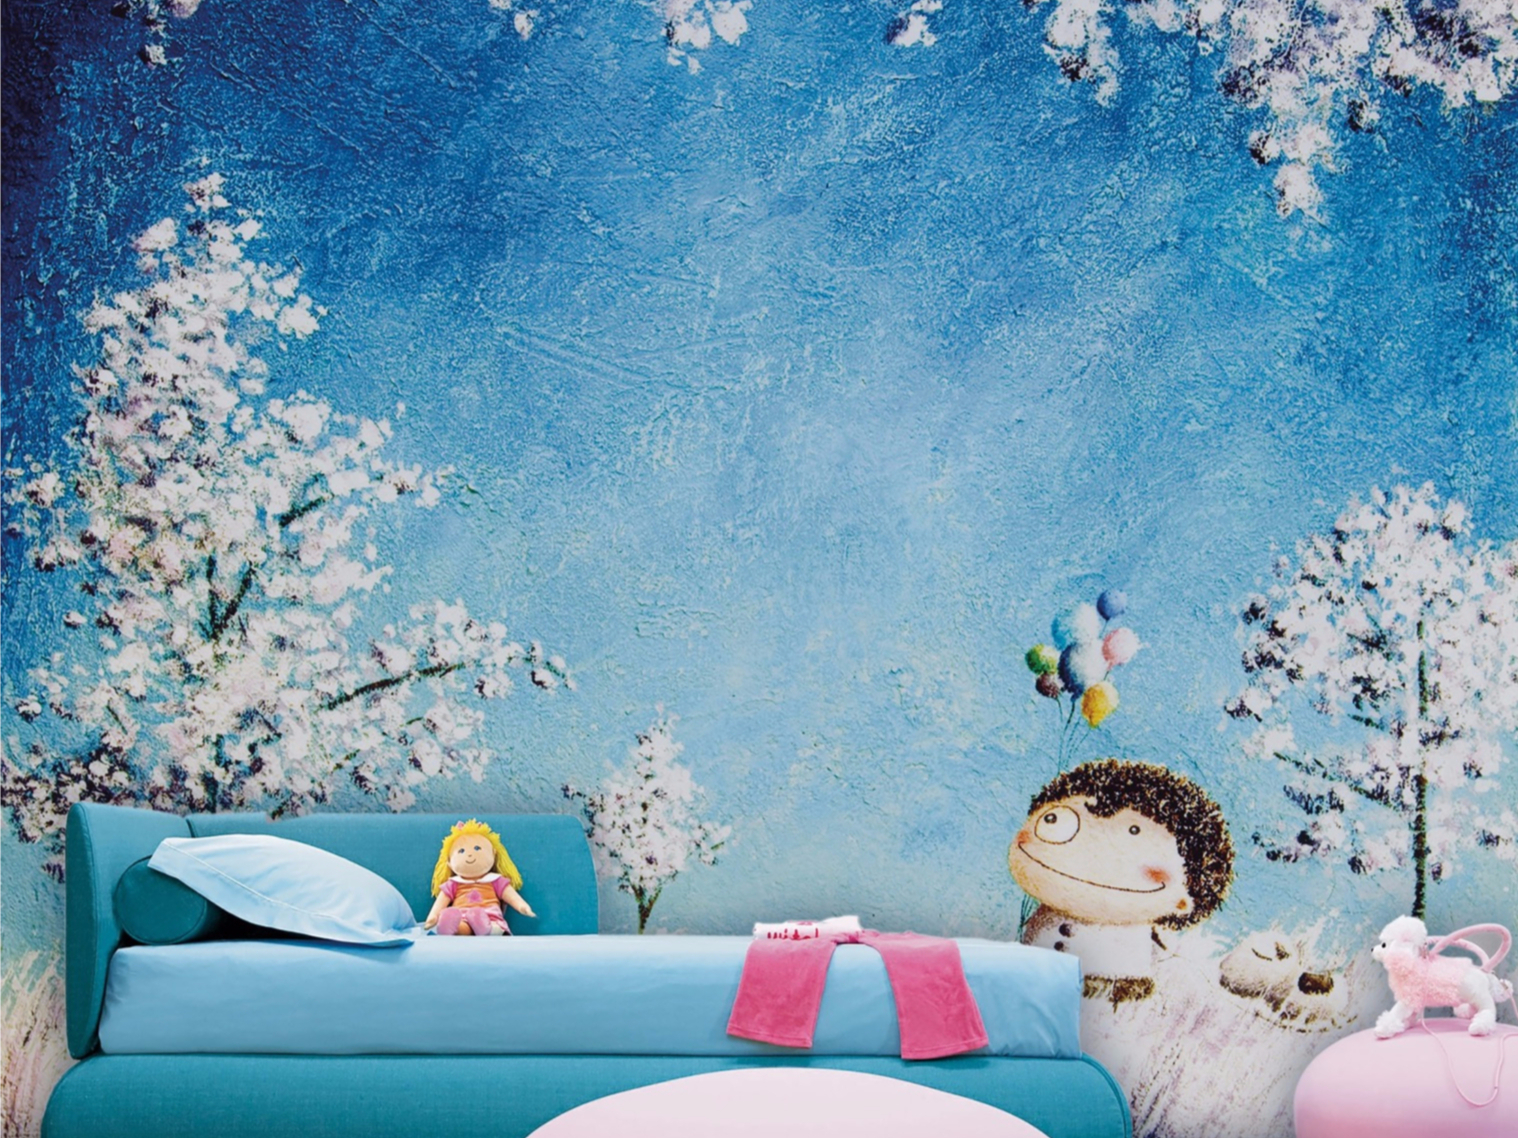 Carta da parati per bambini song of memory 01 collezione for Carta da parati 3d bambini